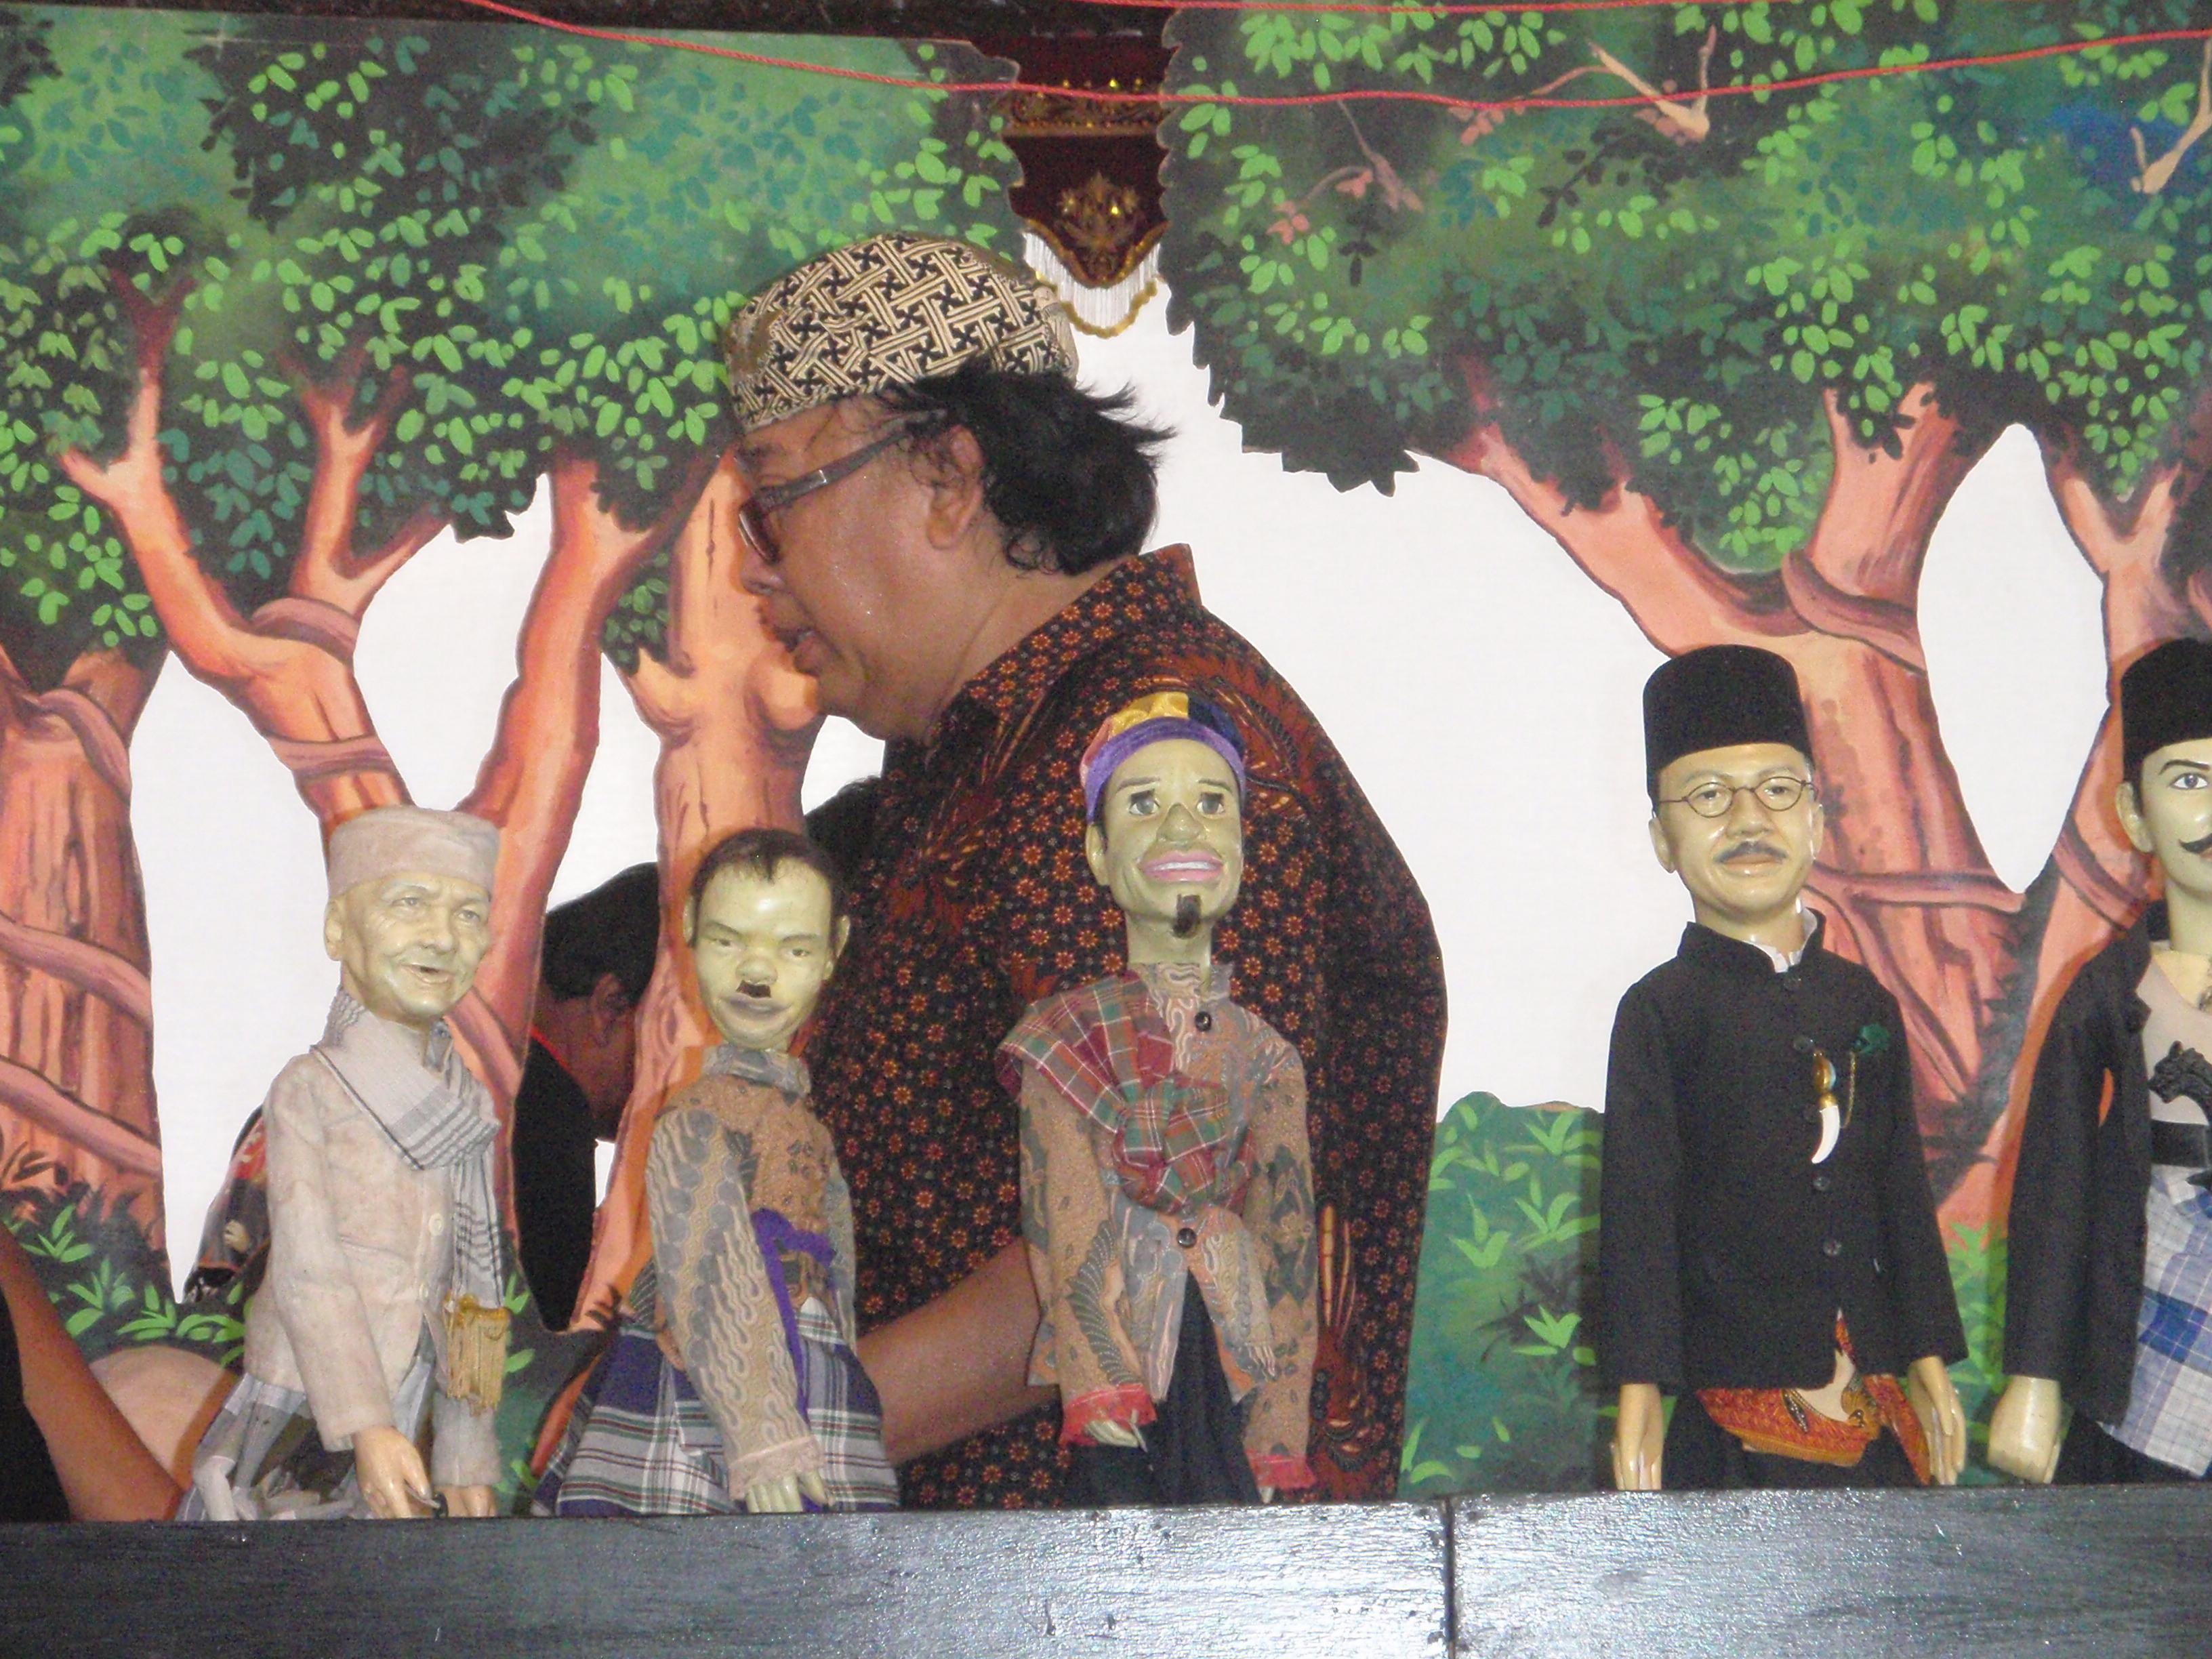 Wayang golek lenong Betawi (Jakarta, Indonésie), créé en 2000 par Tizar Purbaya, présente des histoires établies pendant la période coloniale néerlandaise avec un stock de personnages basés sur des personnages historiques, des héros et des héroïnes locaux de la lutte pour l'indépendance contre les colonisateurs néerlandais. Marionnettes à tiges.